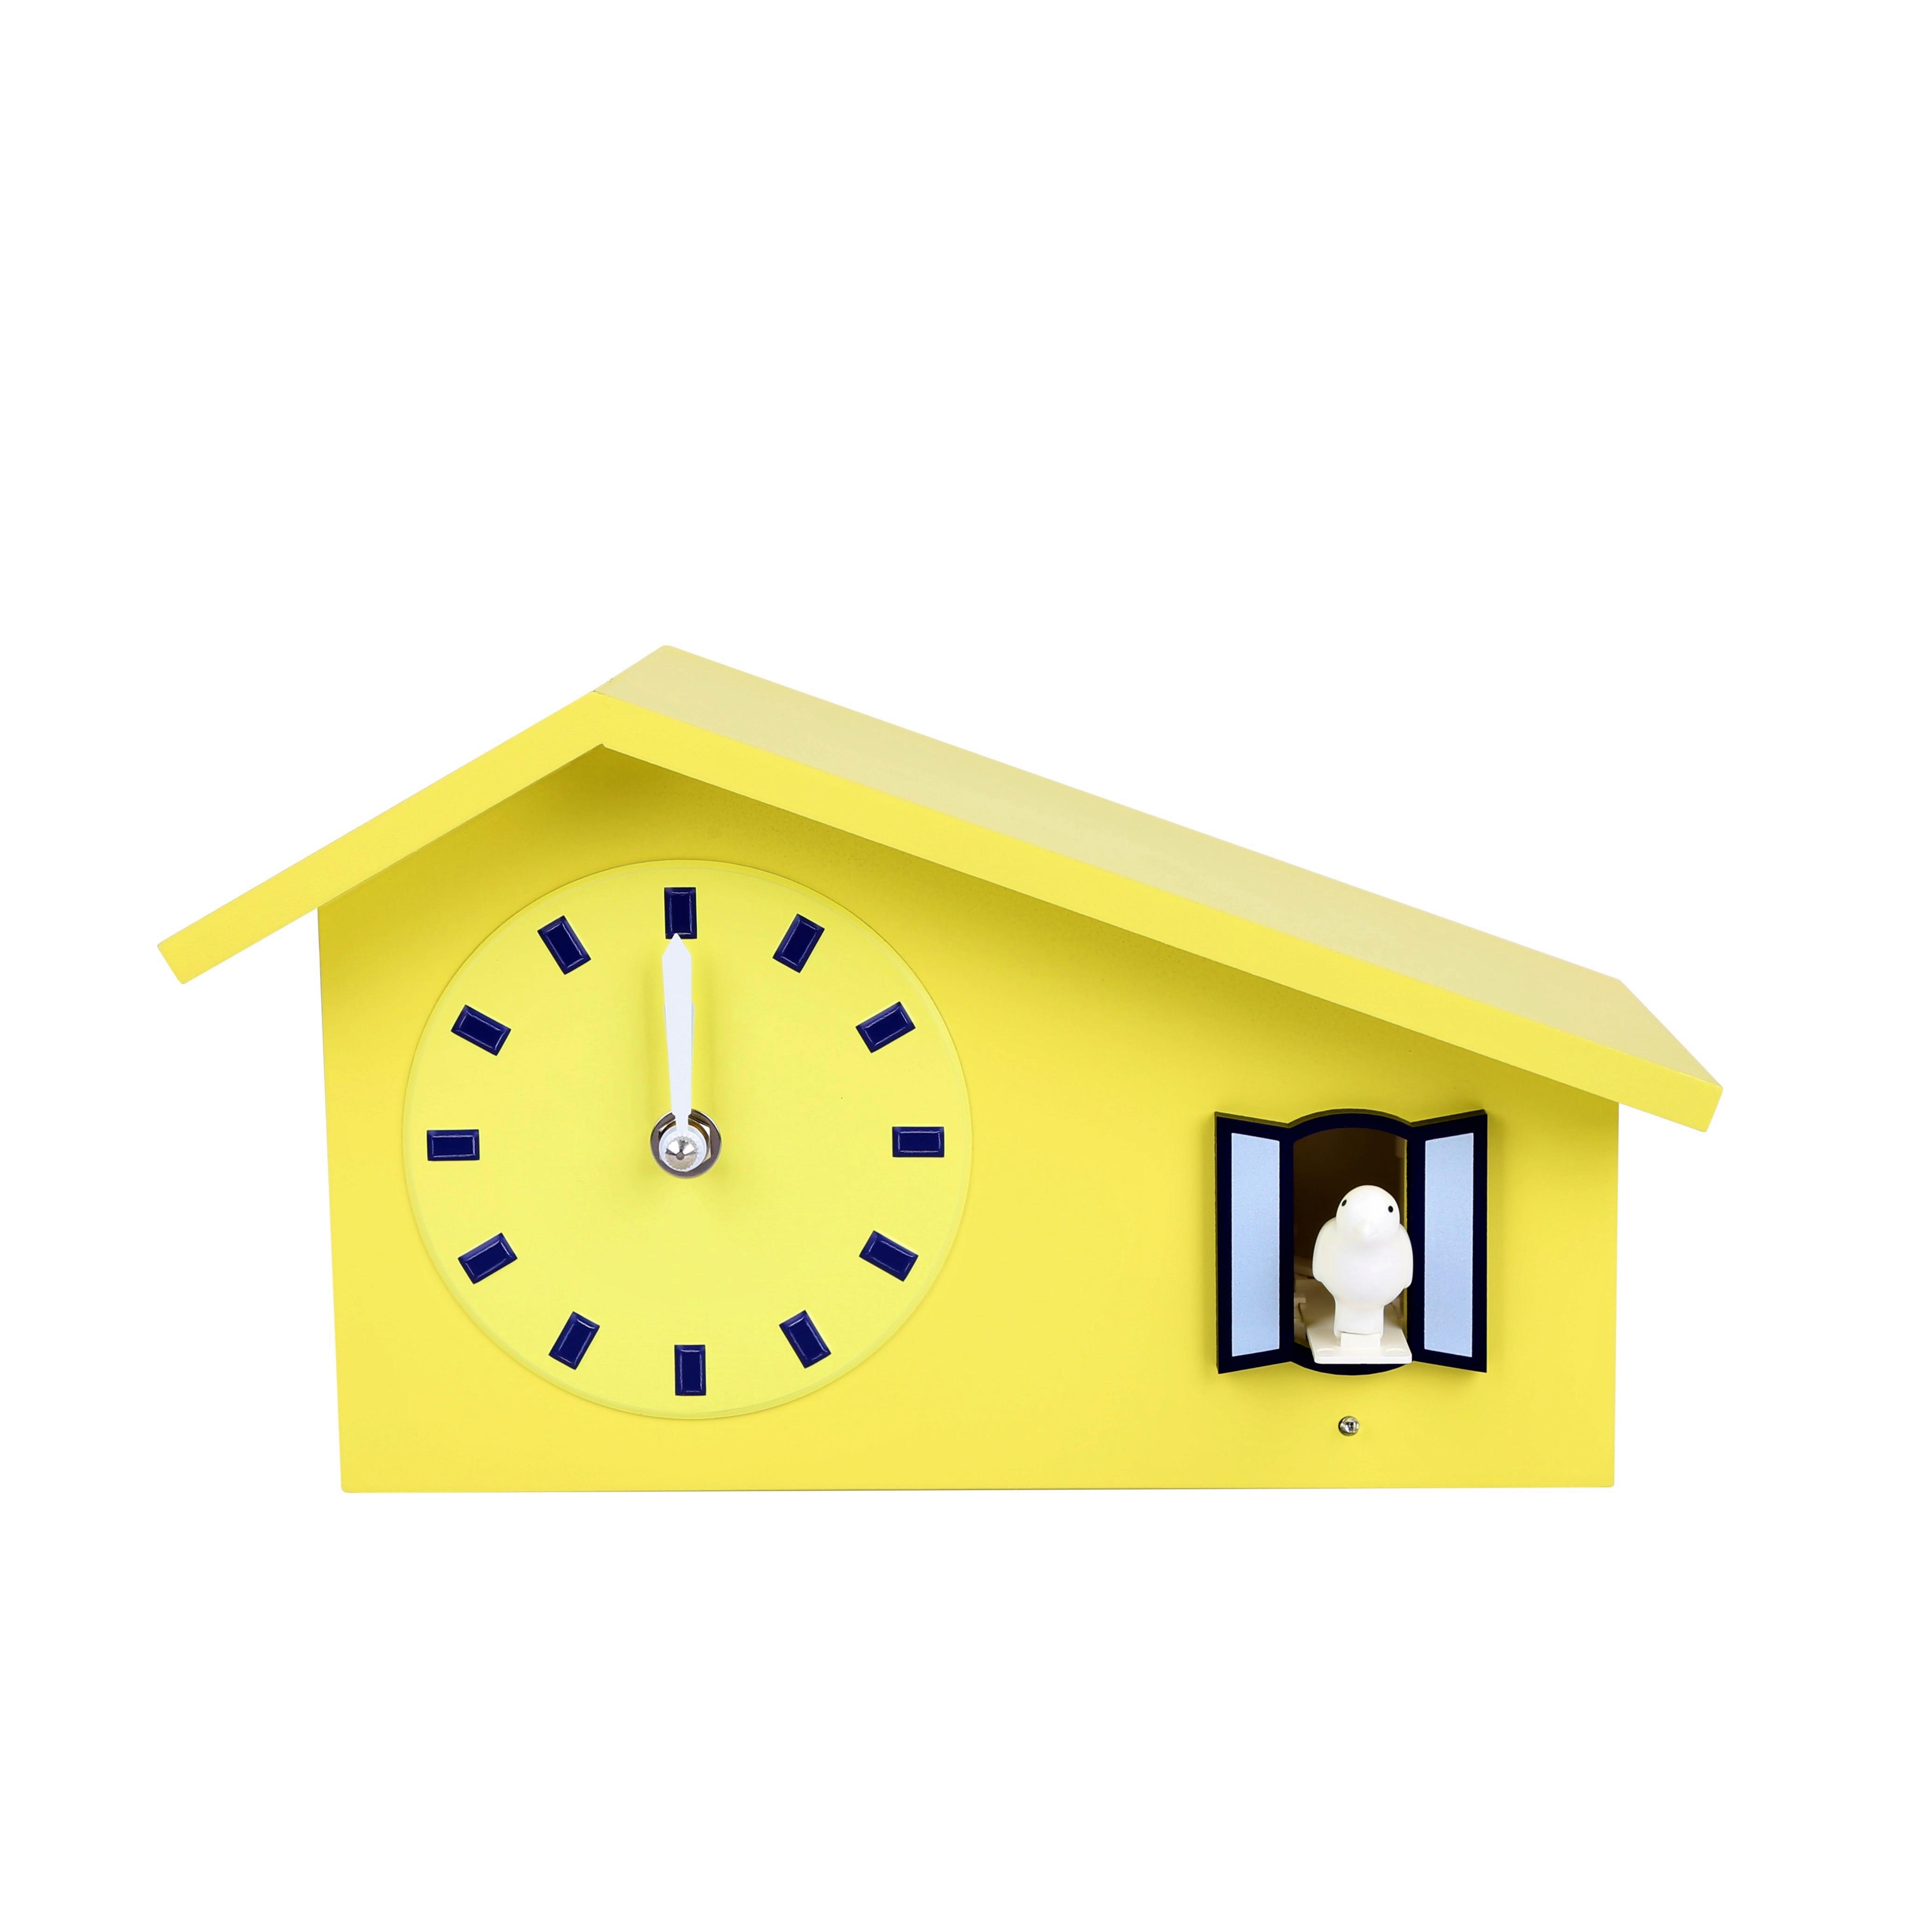 Đồng hồ Monote Rachel Cuckoo màu vàng